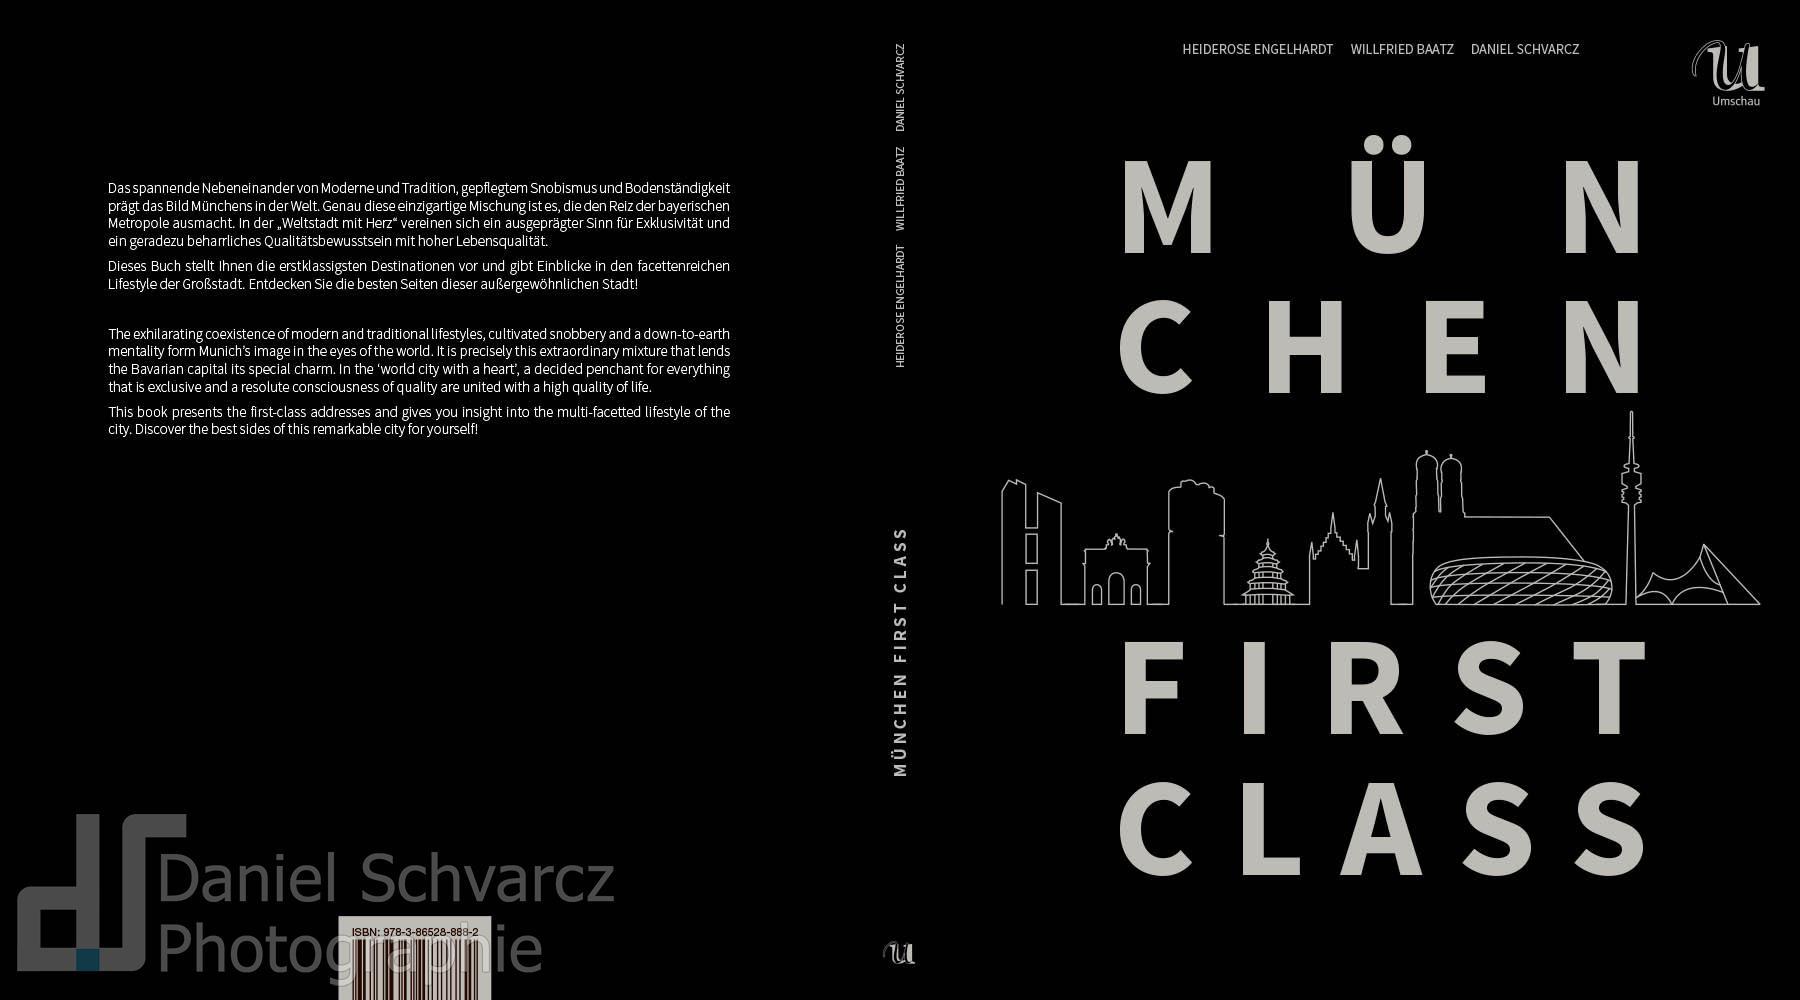 München First Class